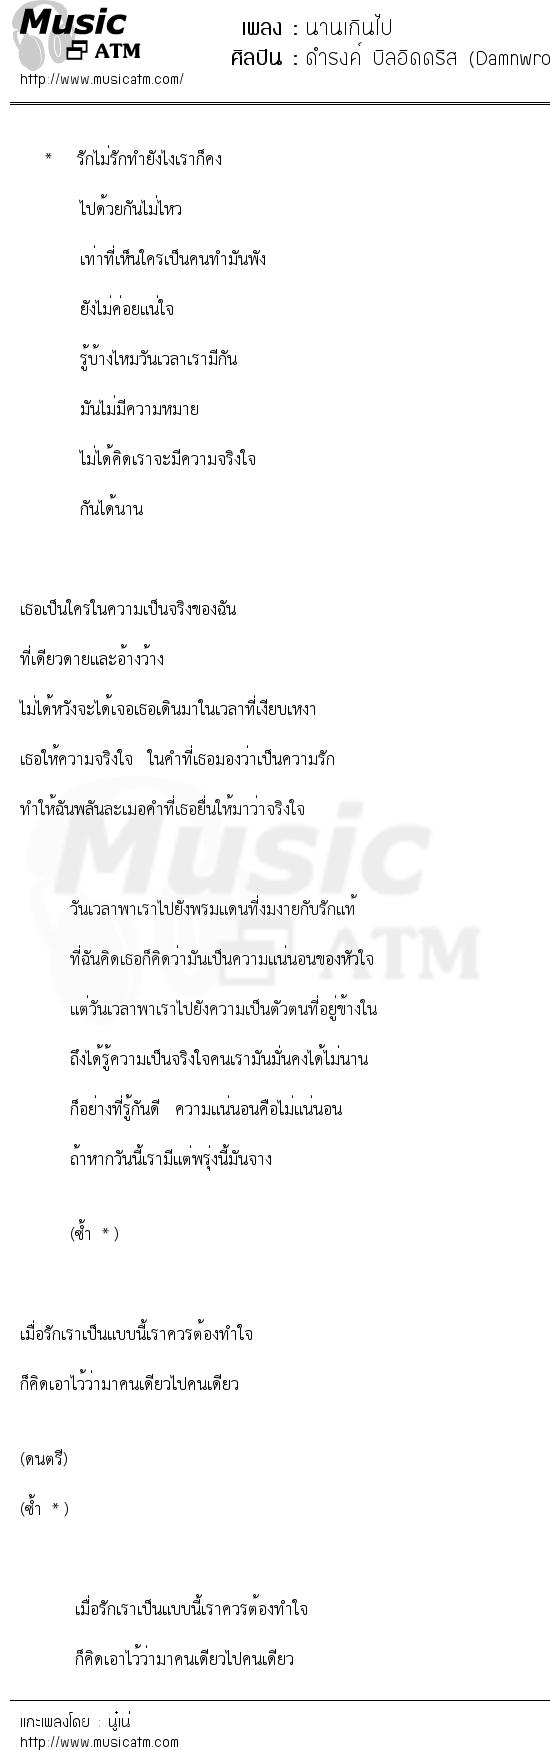 นานเกินไป | เพลงไทย